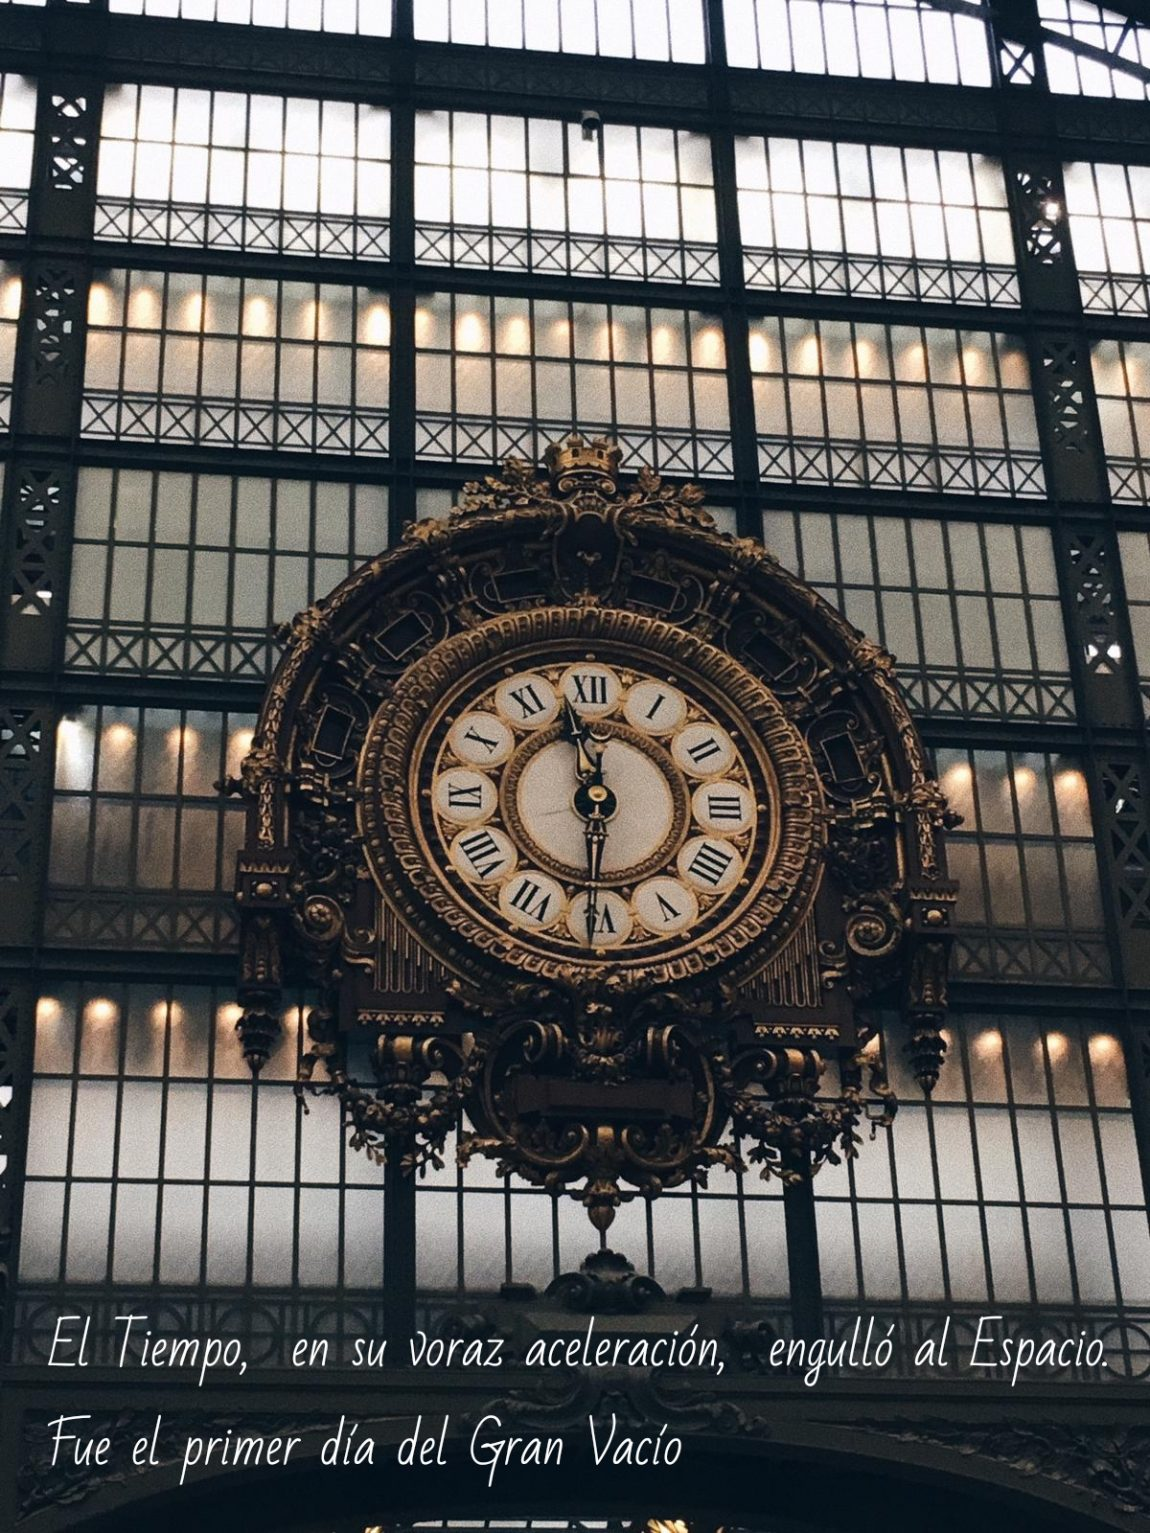 (Català) El temps